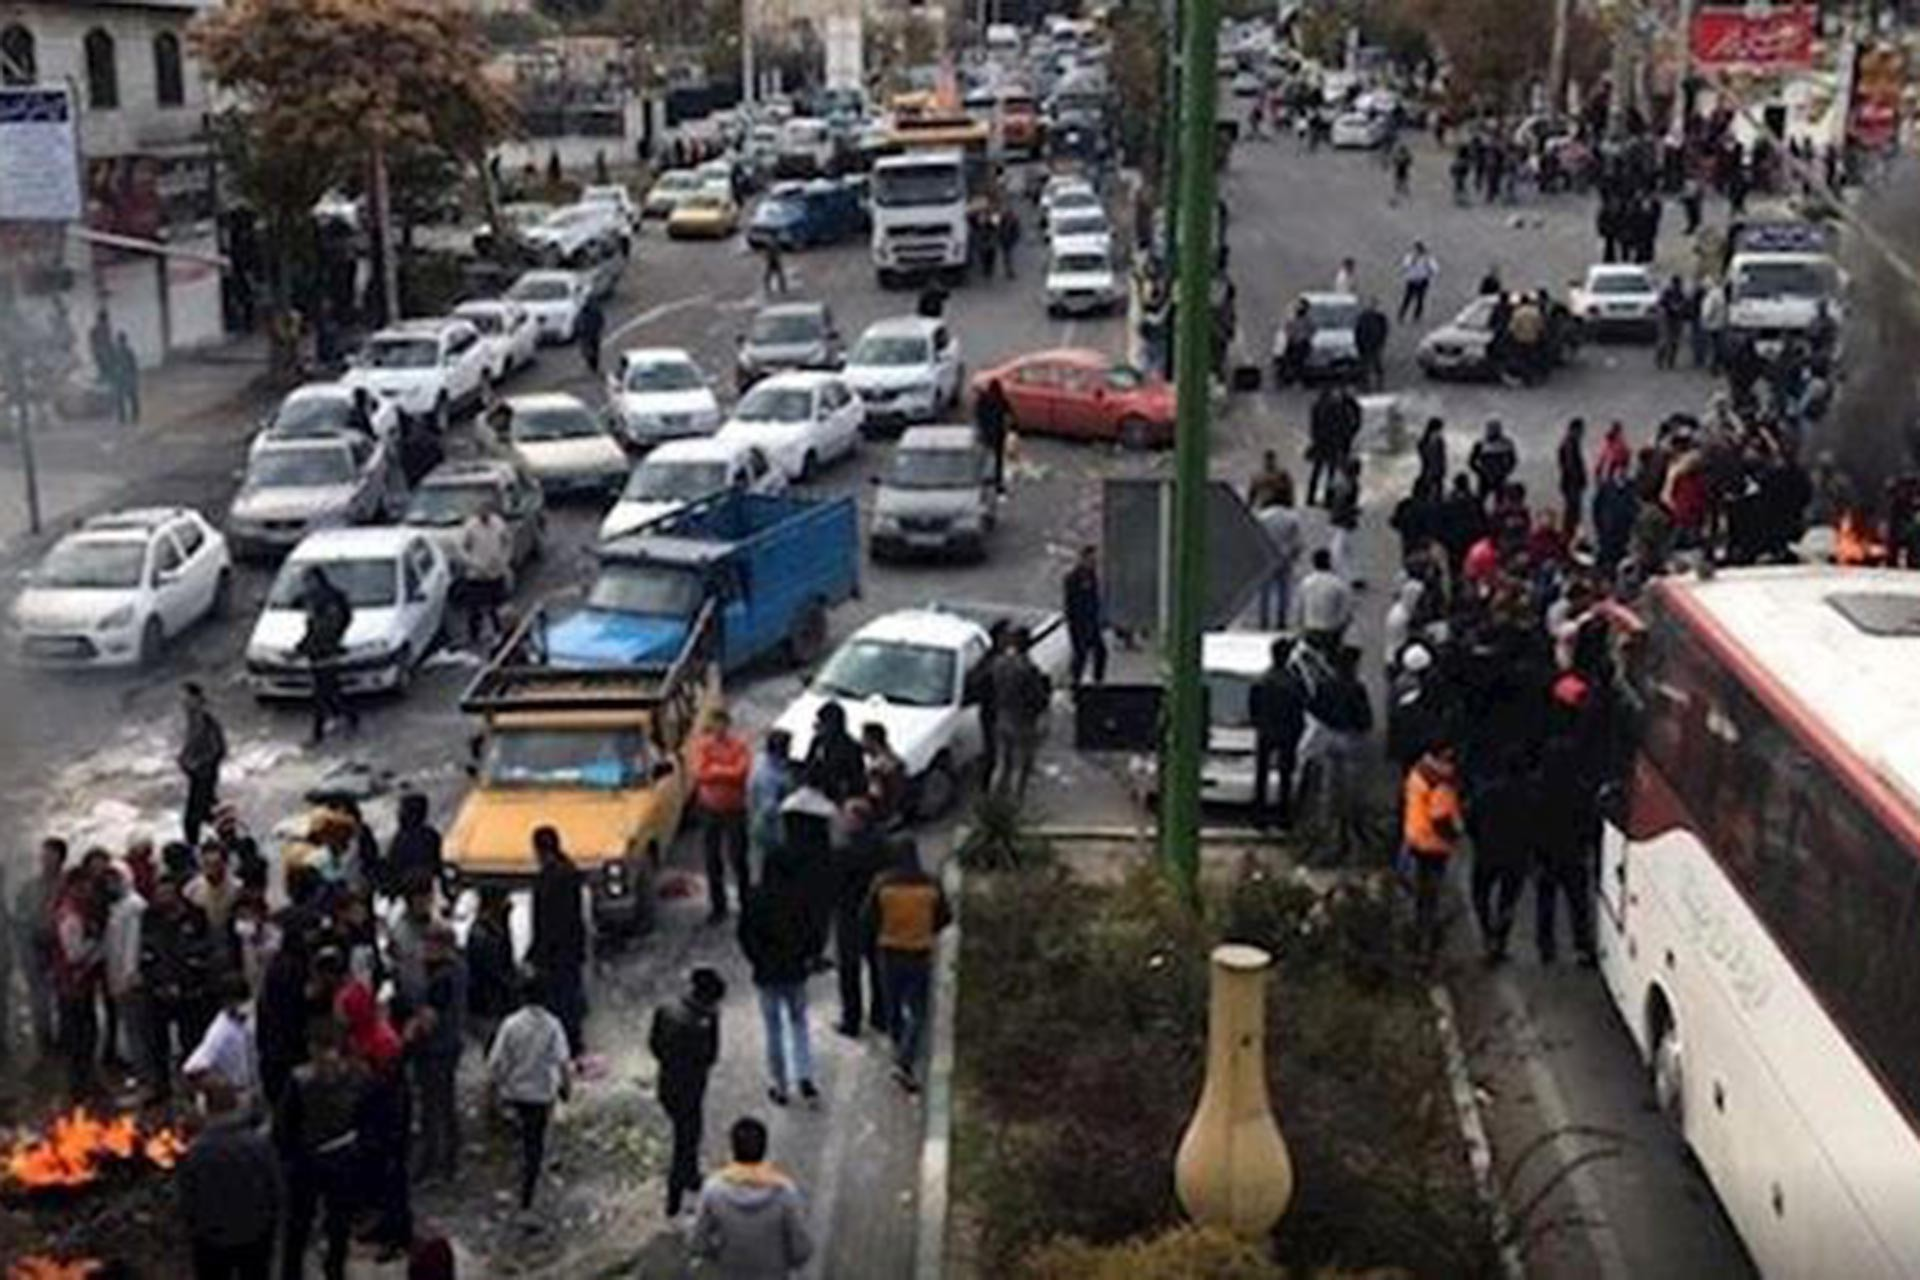 İran'da akaryakıta zam sonrası başlayan protestolar